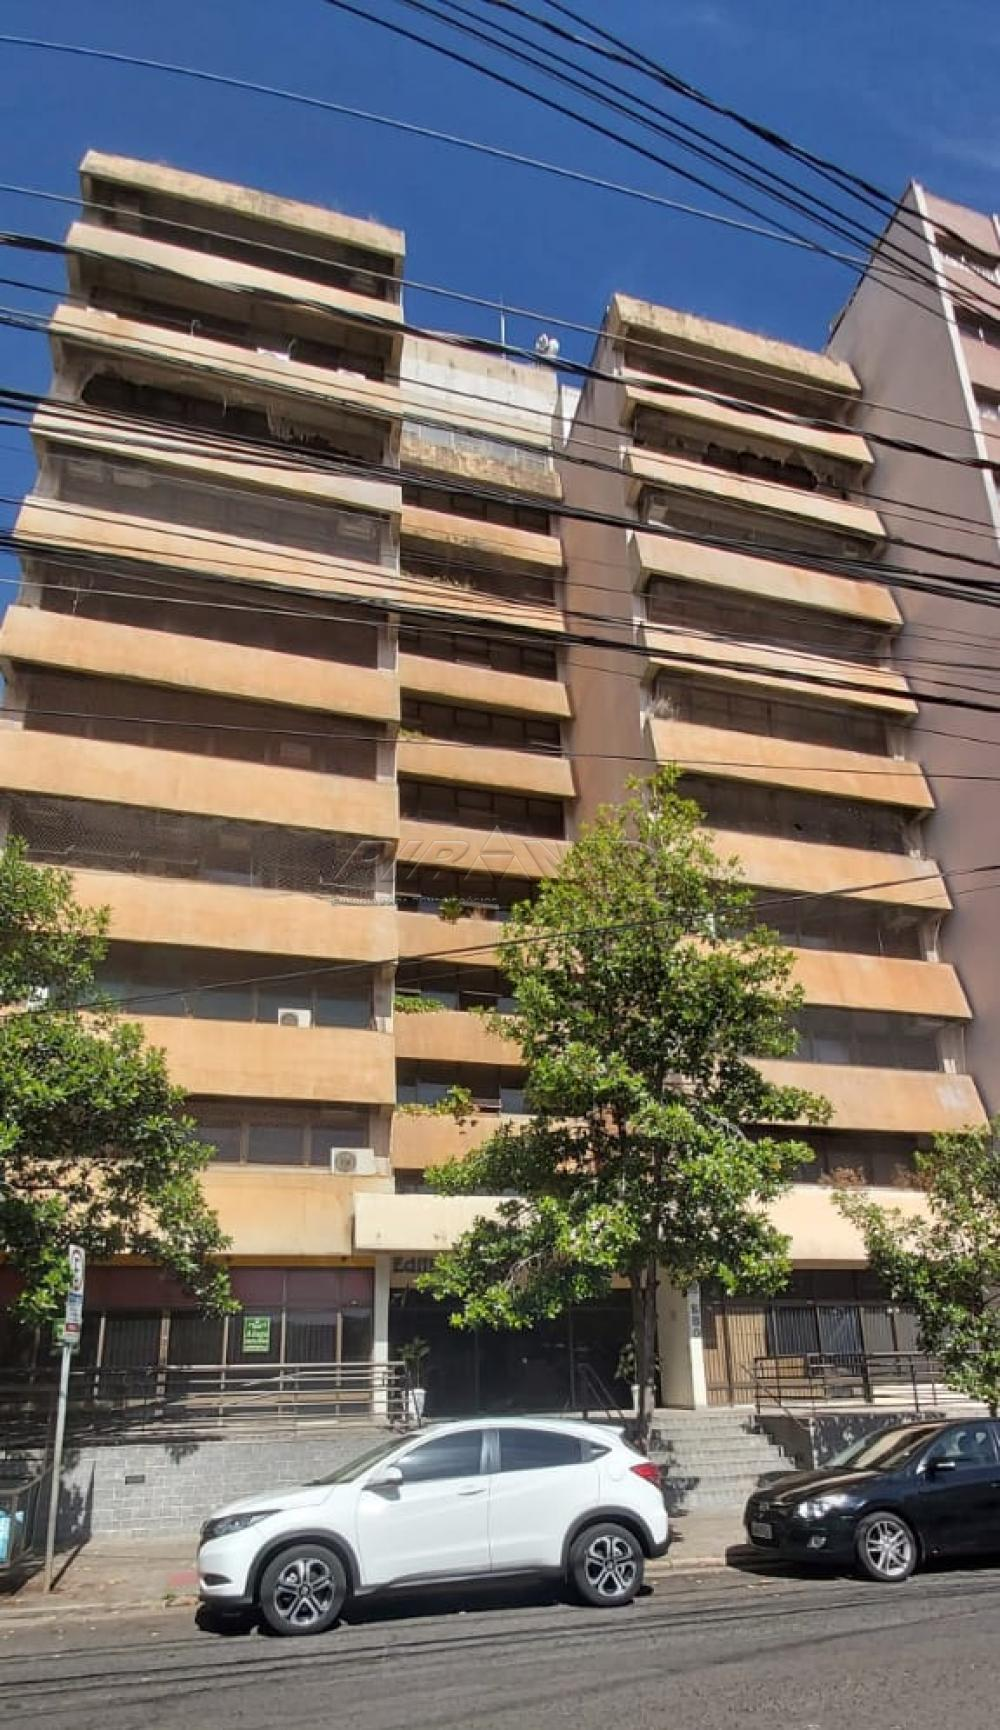 Alugar Comercial / Sala em Ribeirão Preto apenas R$ 650,00 - Foto 10